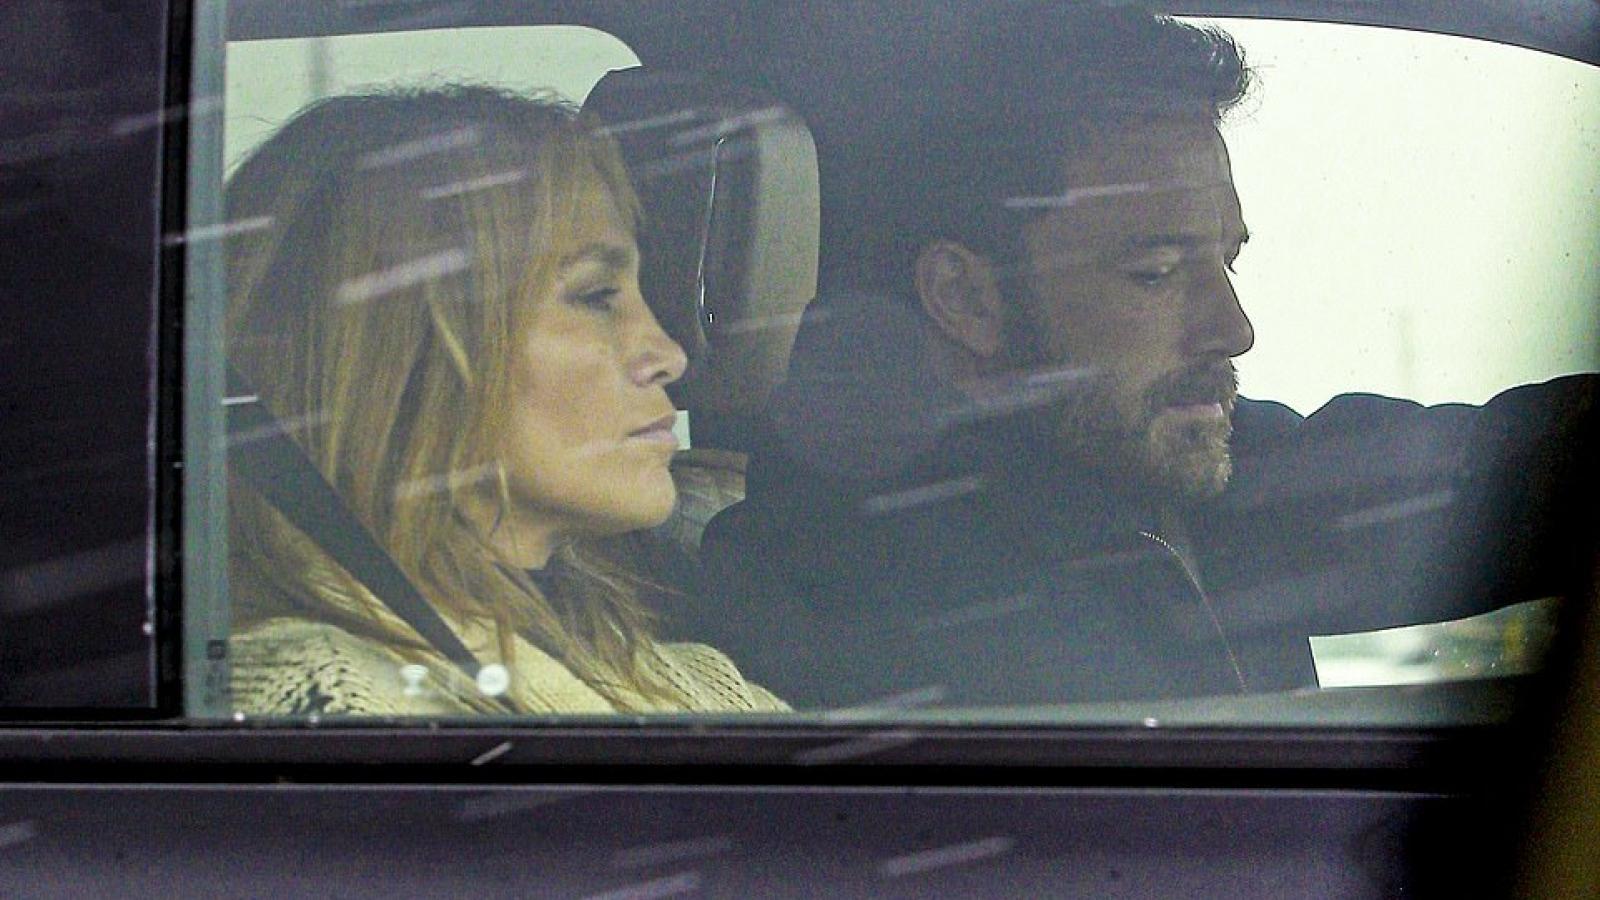 Jennifer Lopez đi nghỉ dưỡng cùng Ben Affleck sau khi hủy hôn